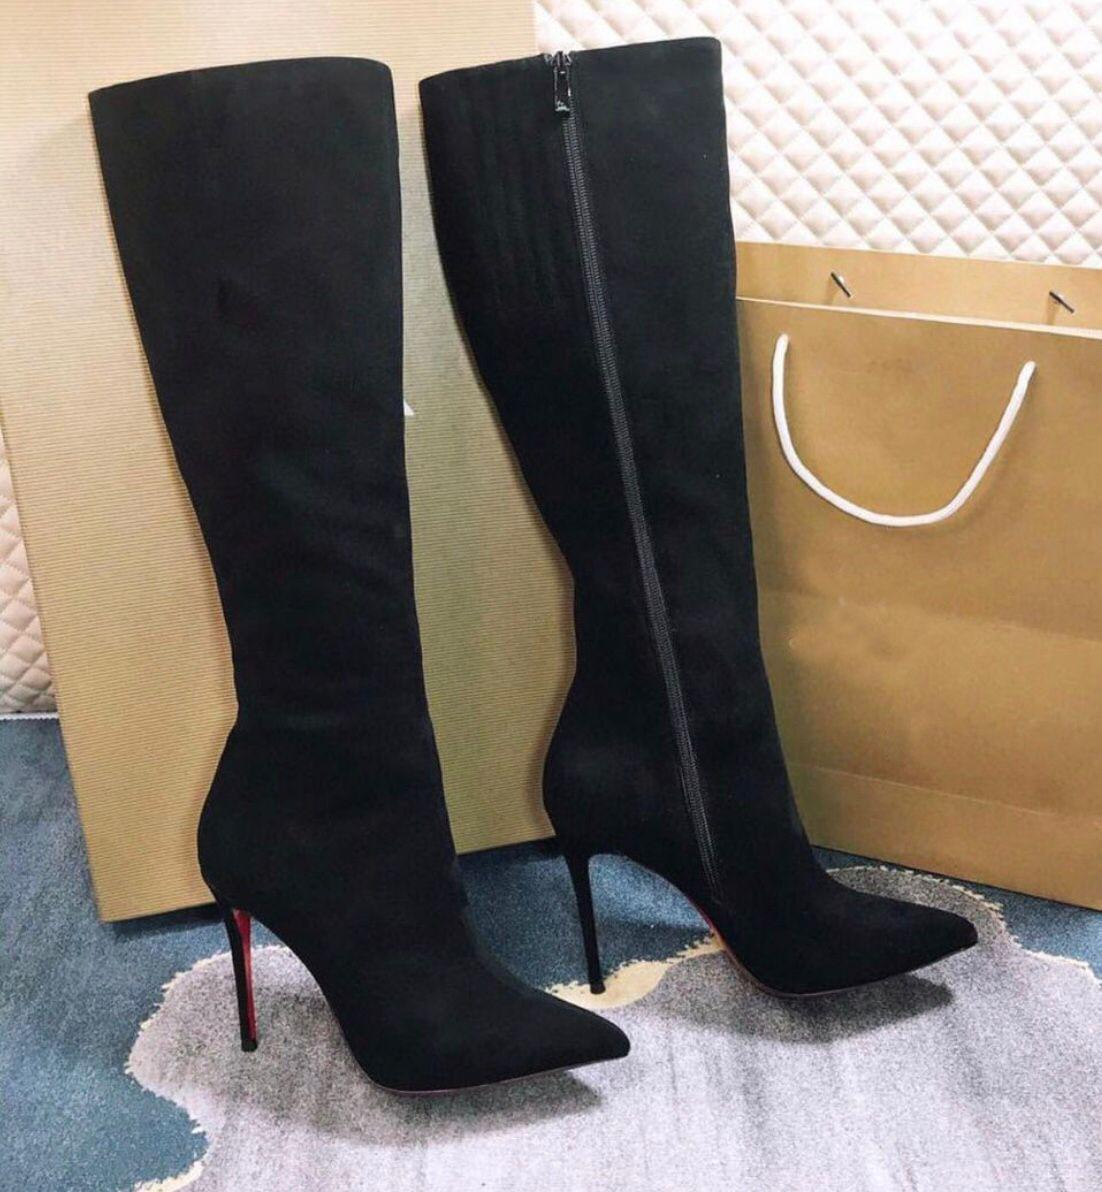 Известный дизайнер Brands Элоиза Ботта Женщины Высокие сапоги Роскошные красные нижние ботинки пальца ноги Остроконечные Высокие каблуки леди пинетки сексуальных женщин Свадьба